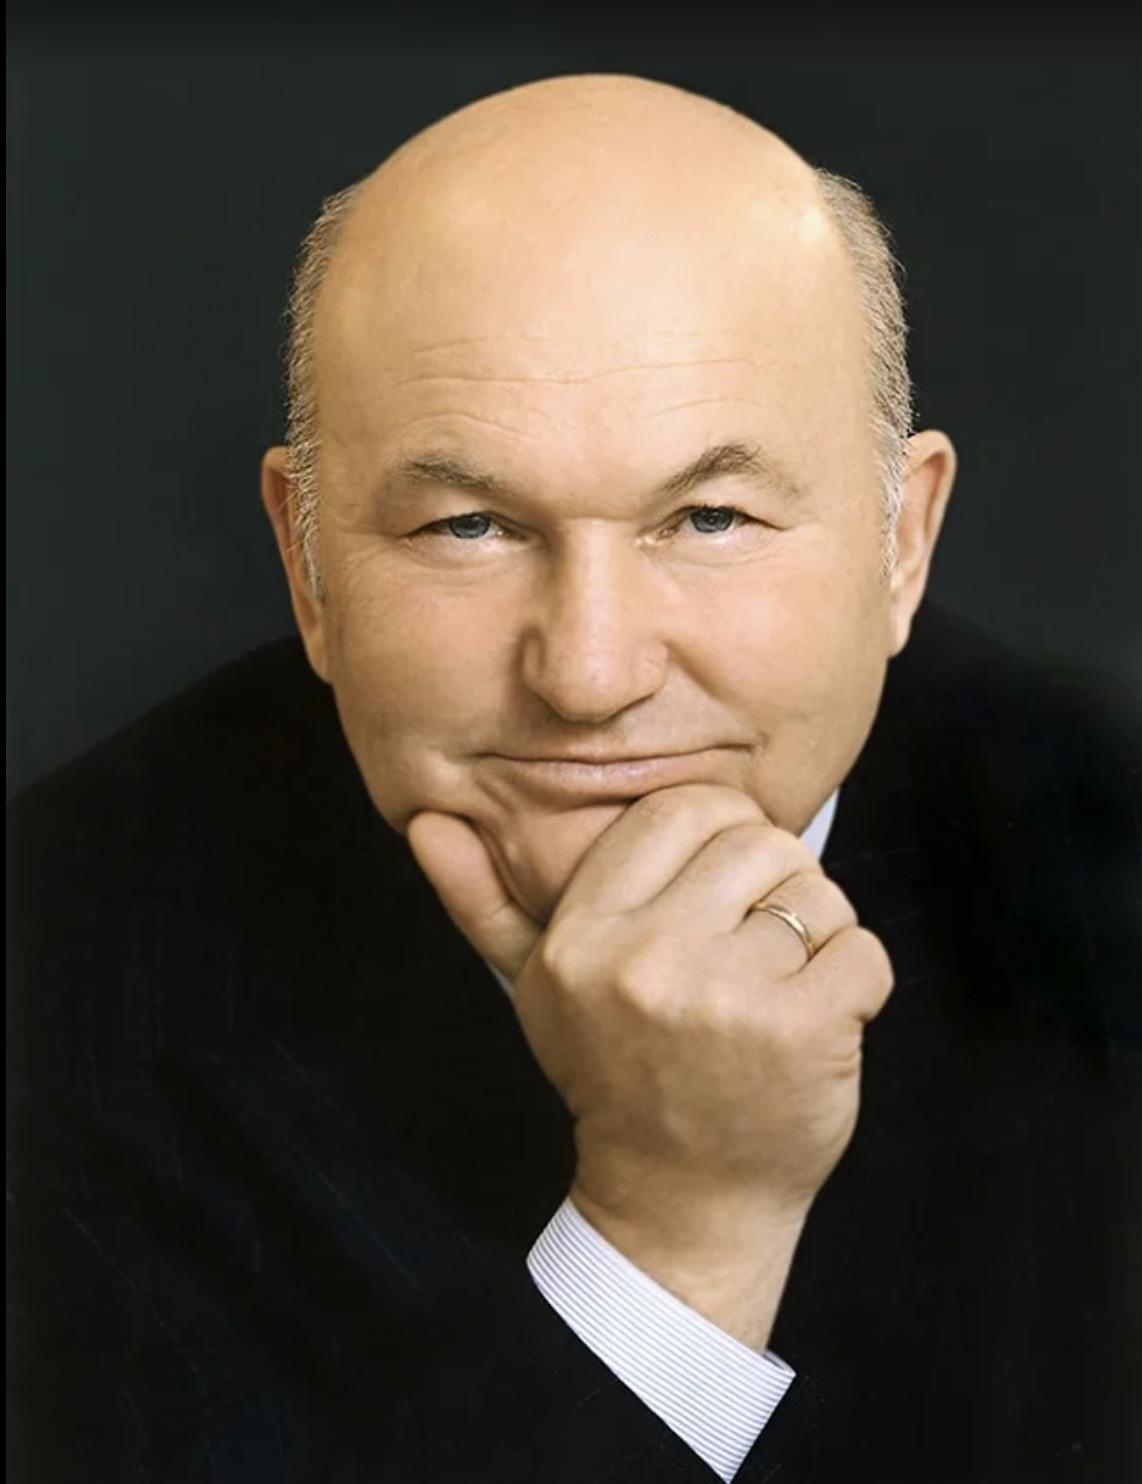 Участие в субботнике в Коломенском в память о Юрии Лужкове смогут принять москвичи